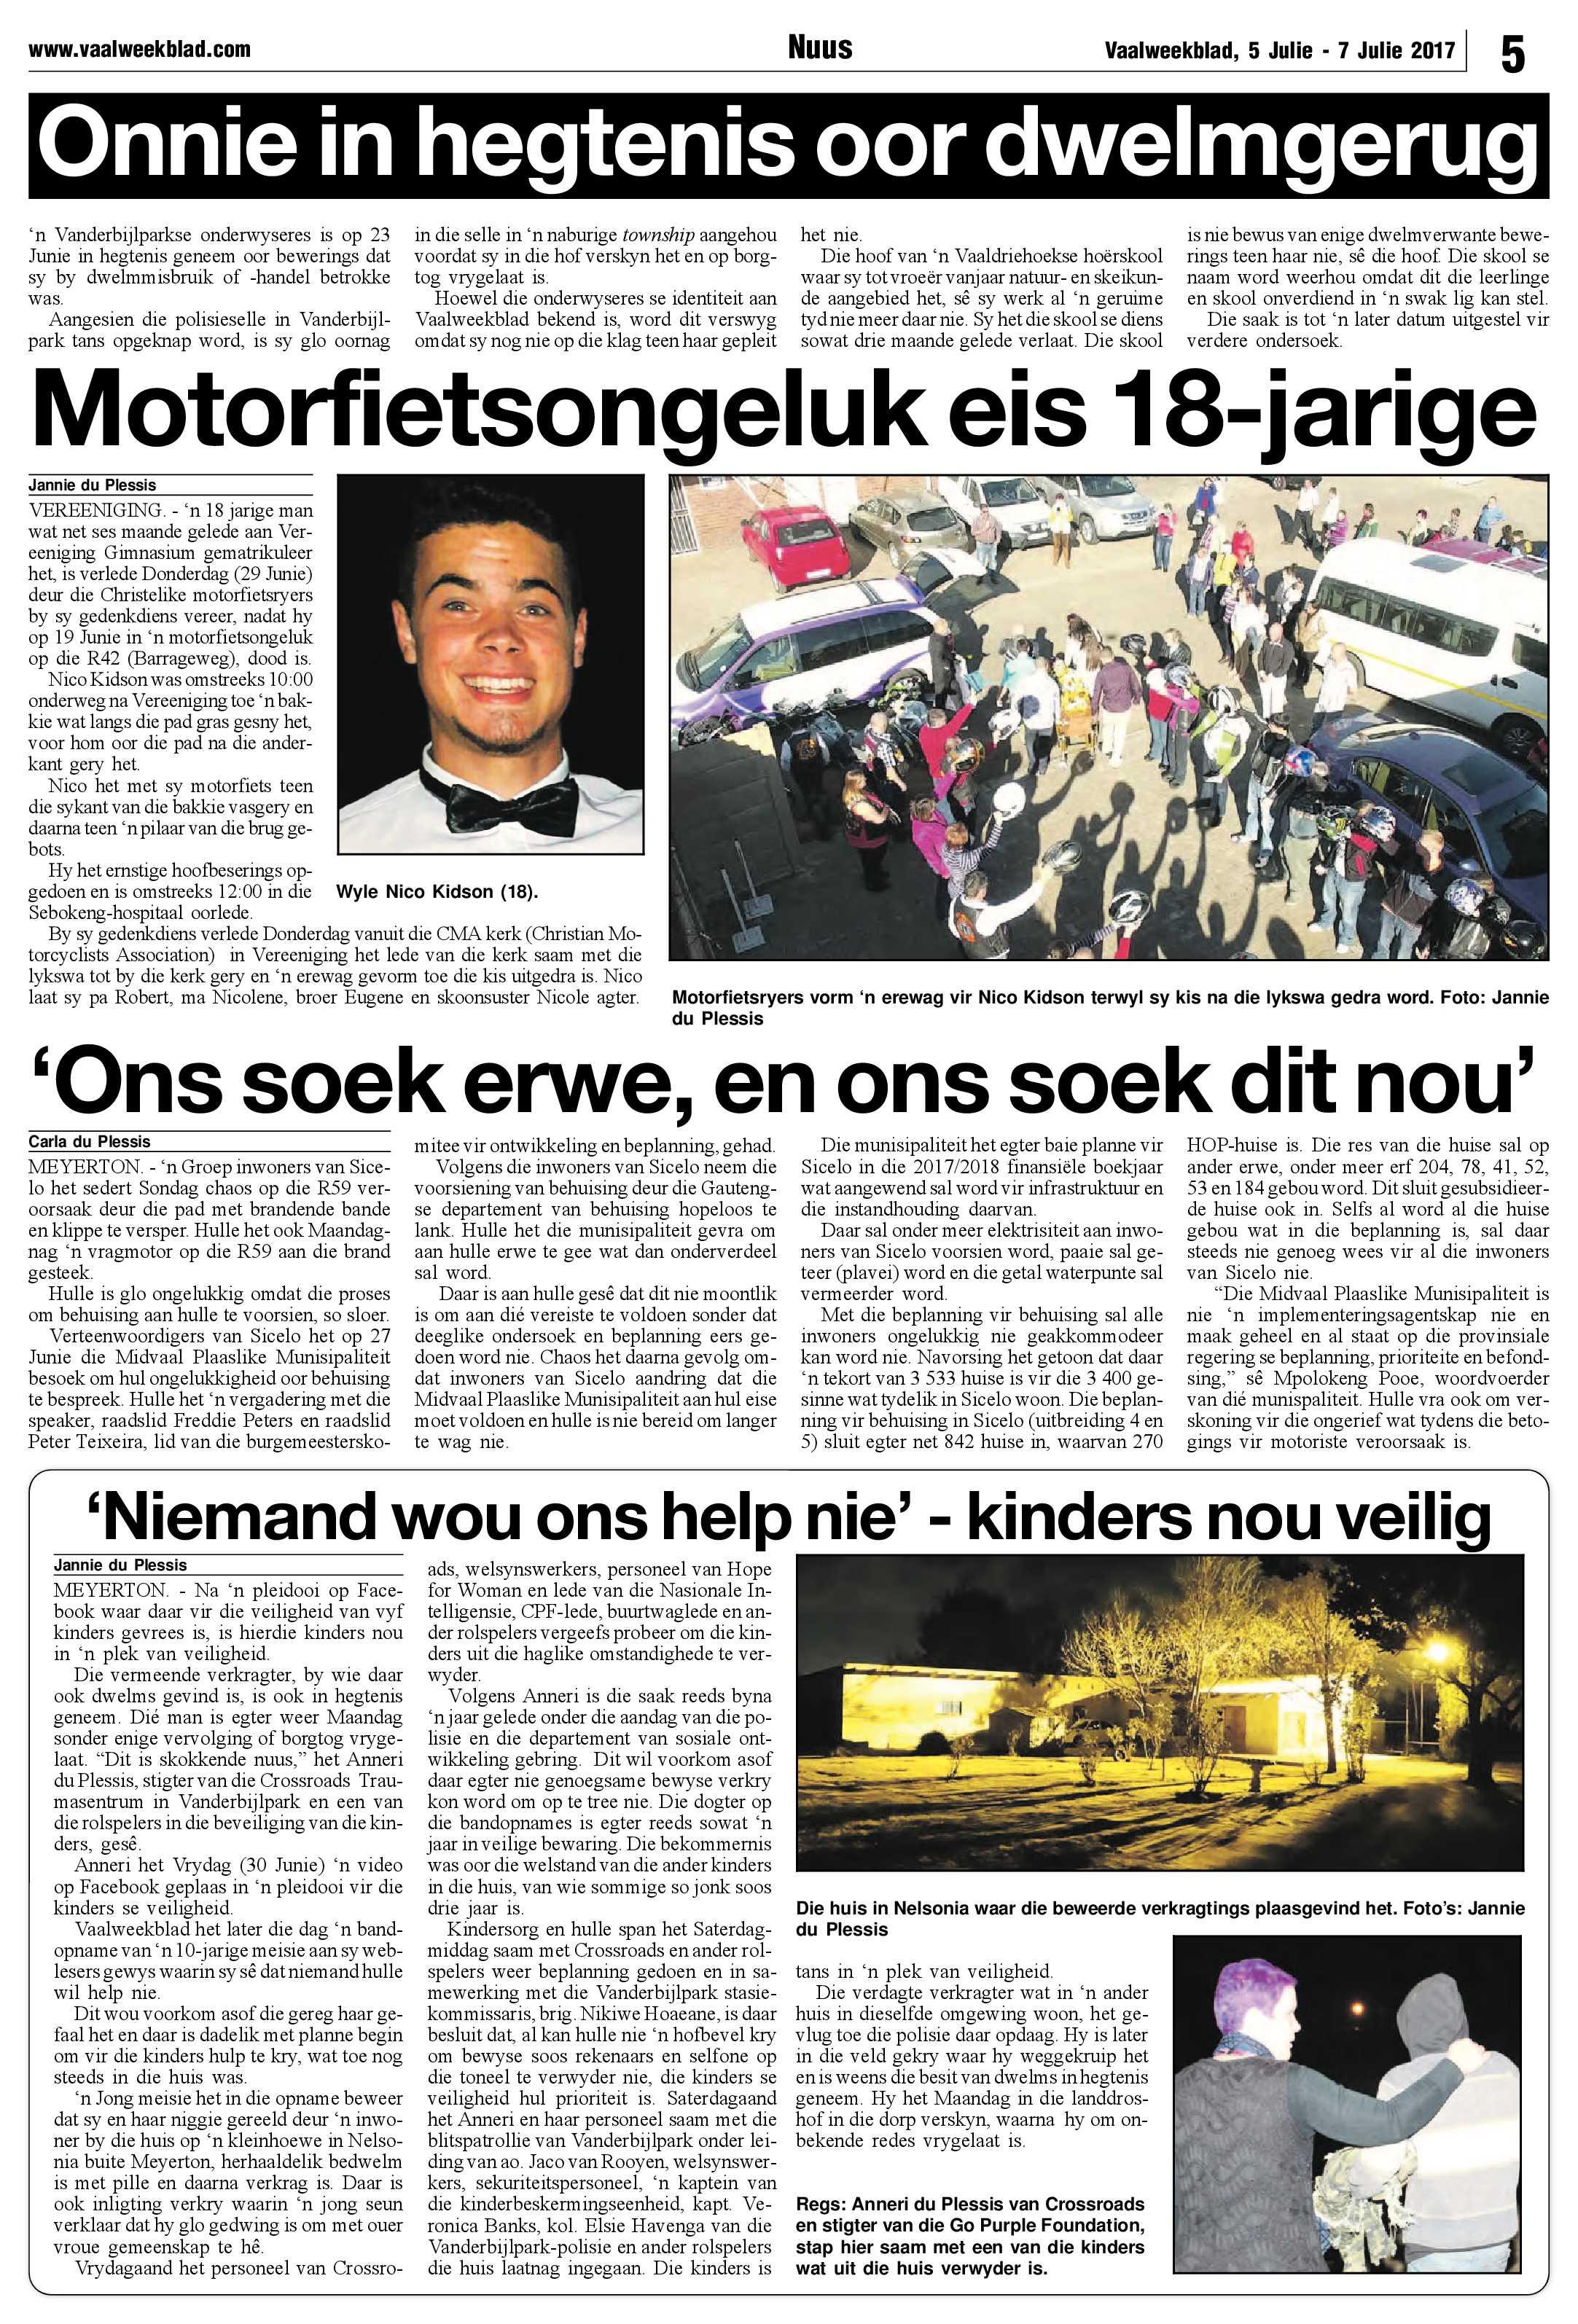 vaalweekblad-5-7-julie-2017-epapers-page-5